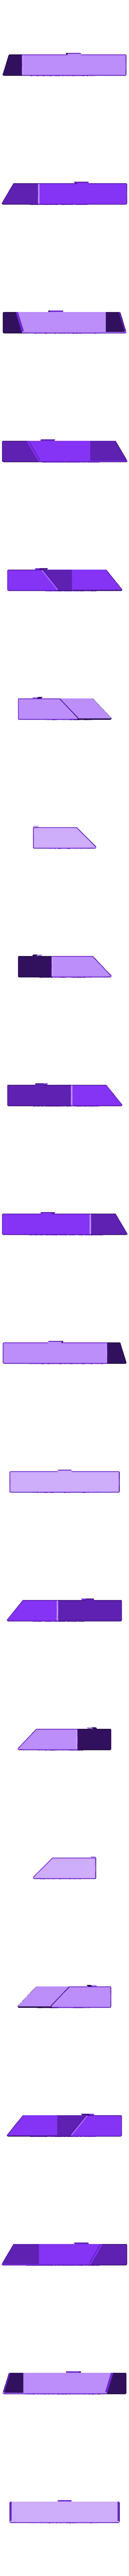 Pror3d_zlt.stl Download free STL file Cover for PanelDue 5i mount • Design to 3D print, Dsk